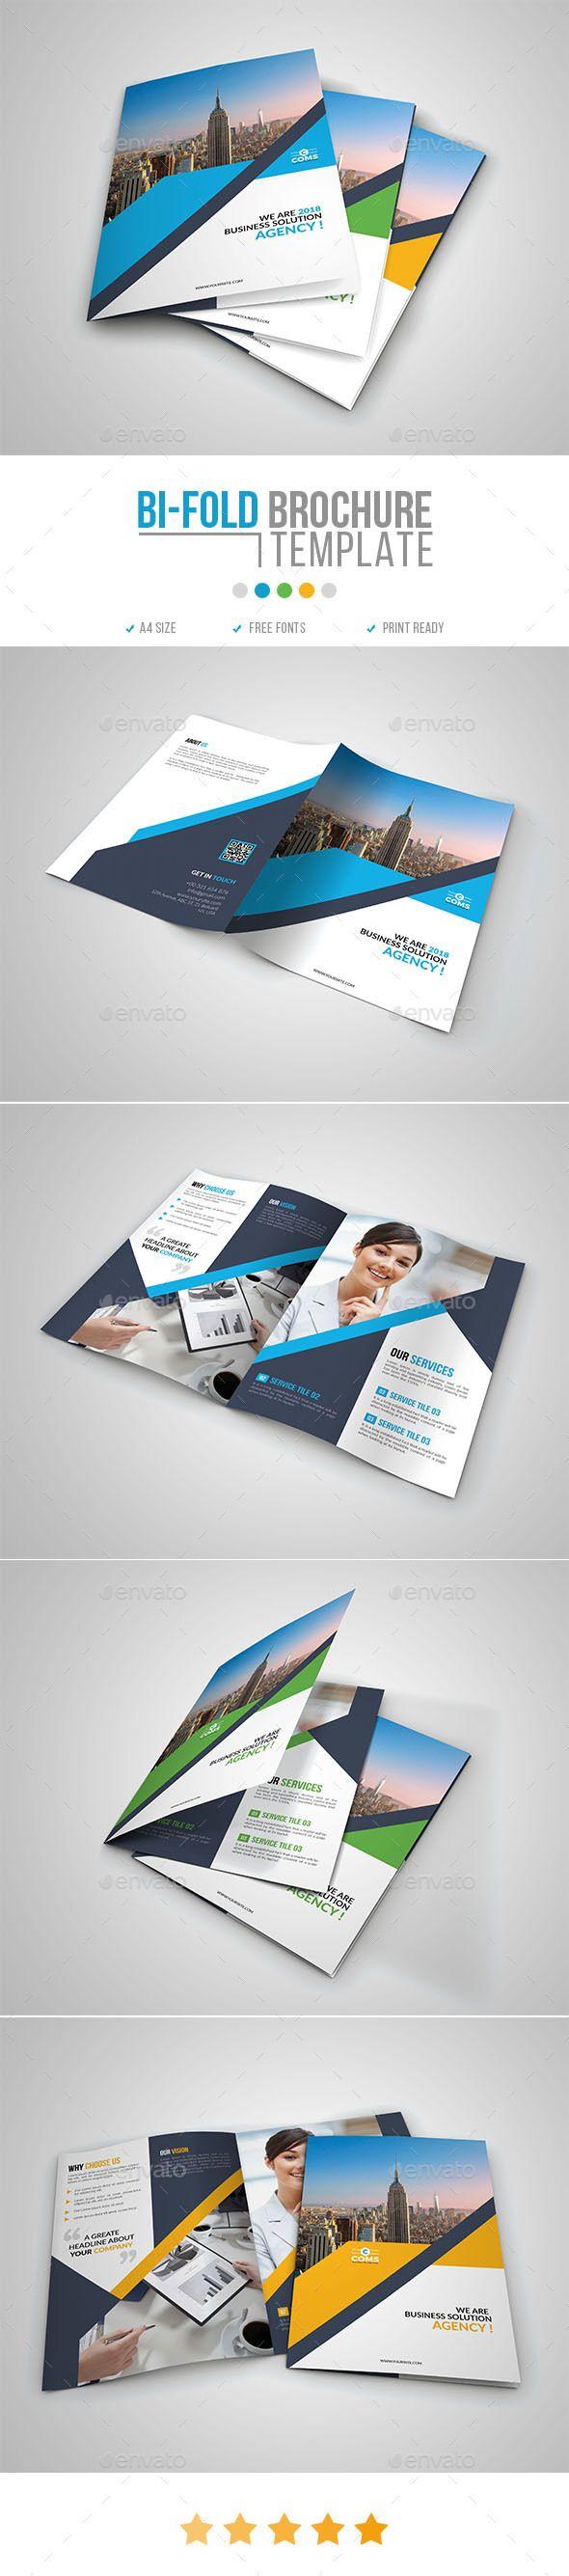 #Corporate #Bi-Fold #Brochure Template 11 - Corporate Brochures